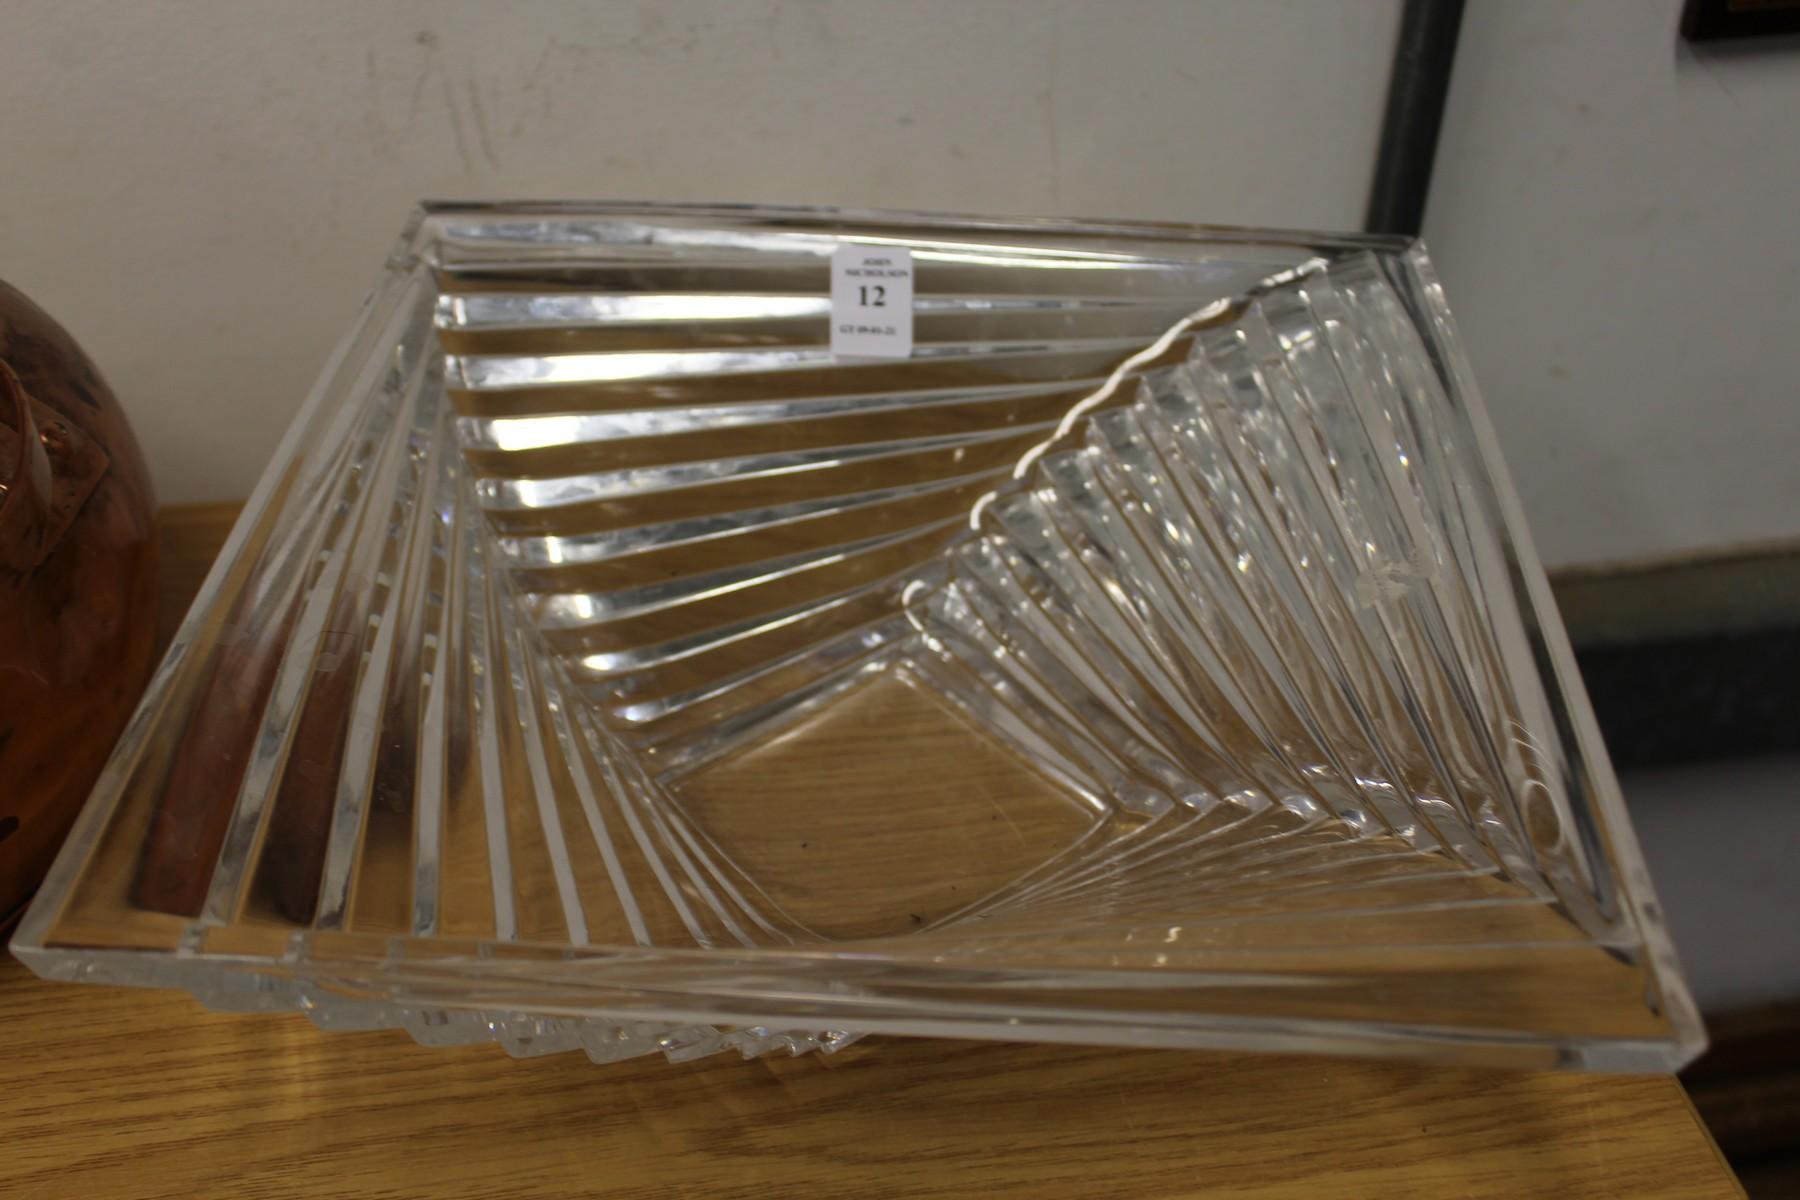 A stylish cut glass bowl. - Image 2 of 2